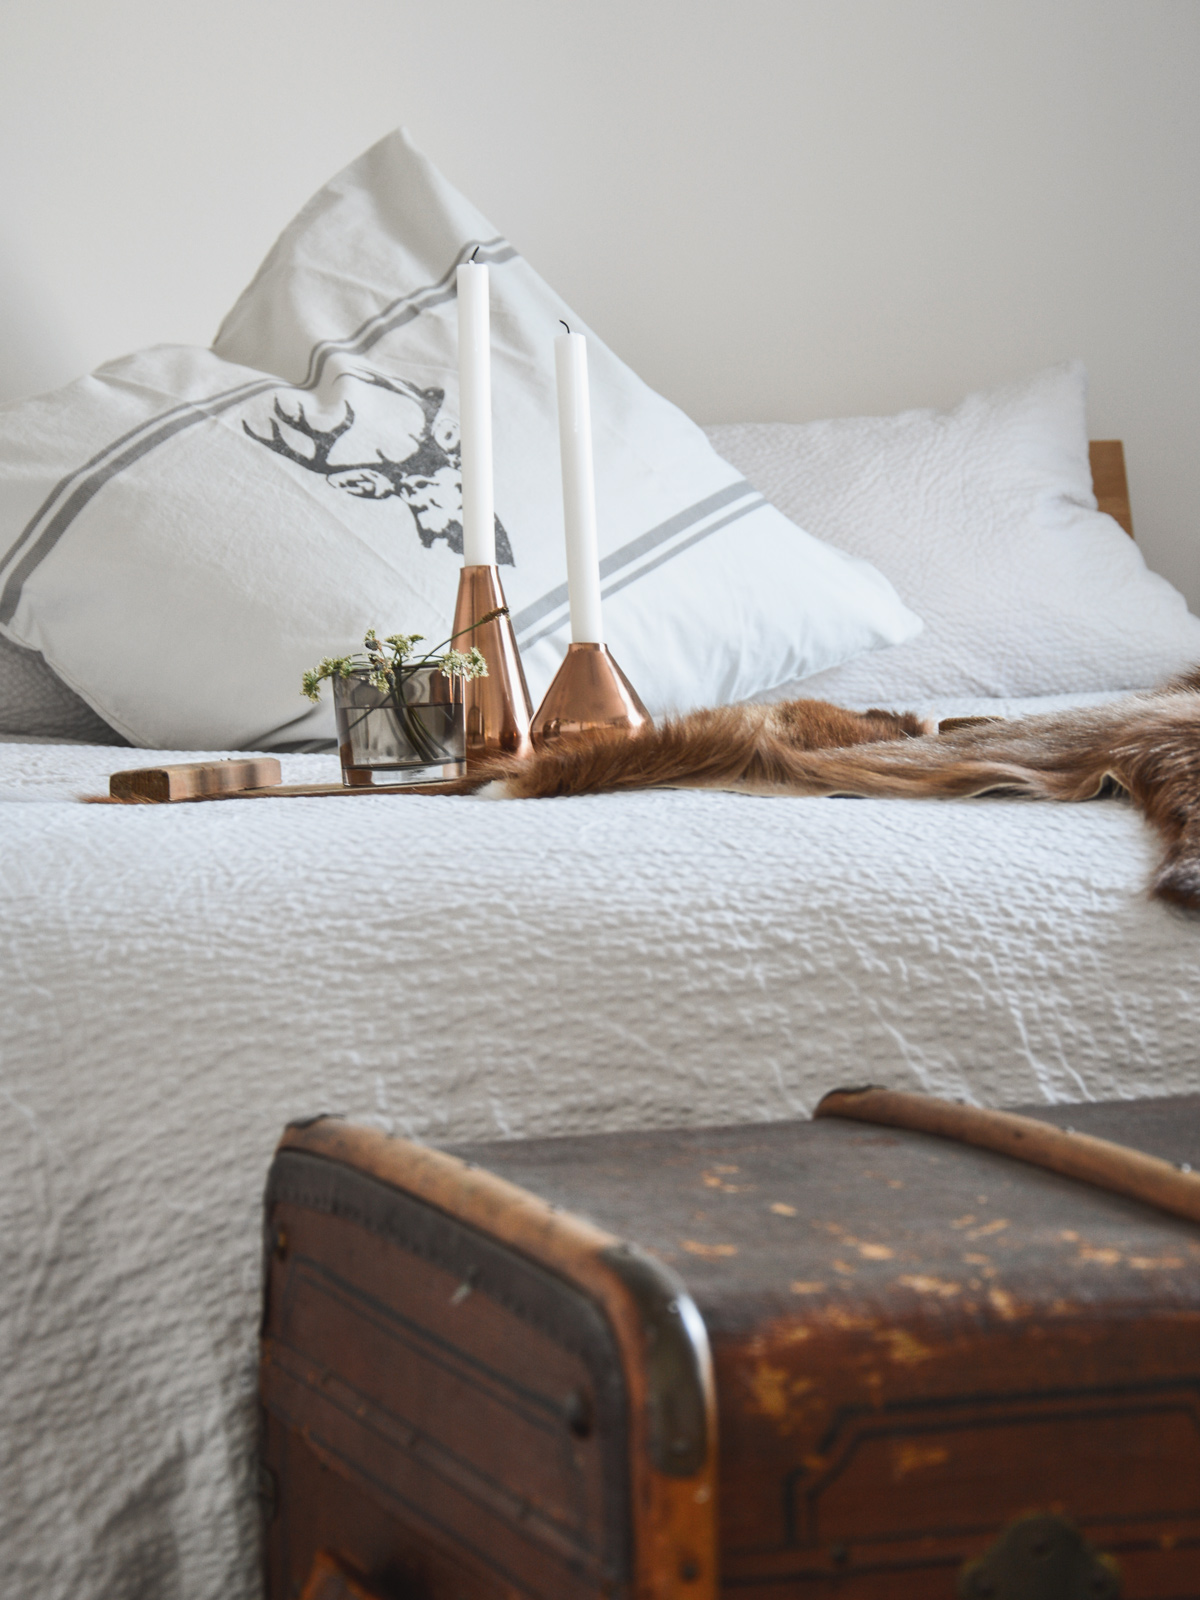 Kuschlige Stunden In Unserem Neuen Schlafzimmeru2026*